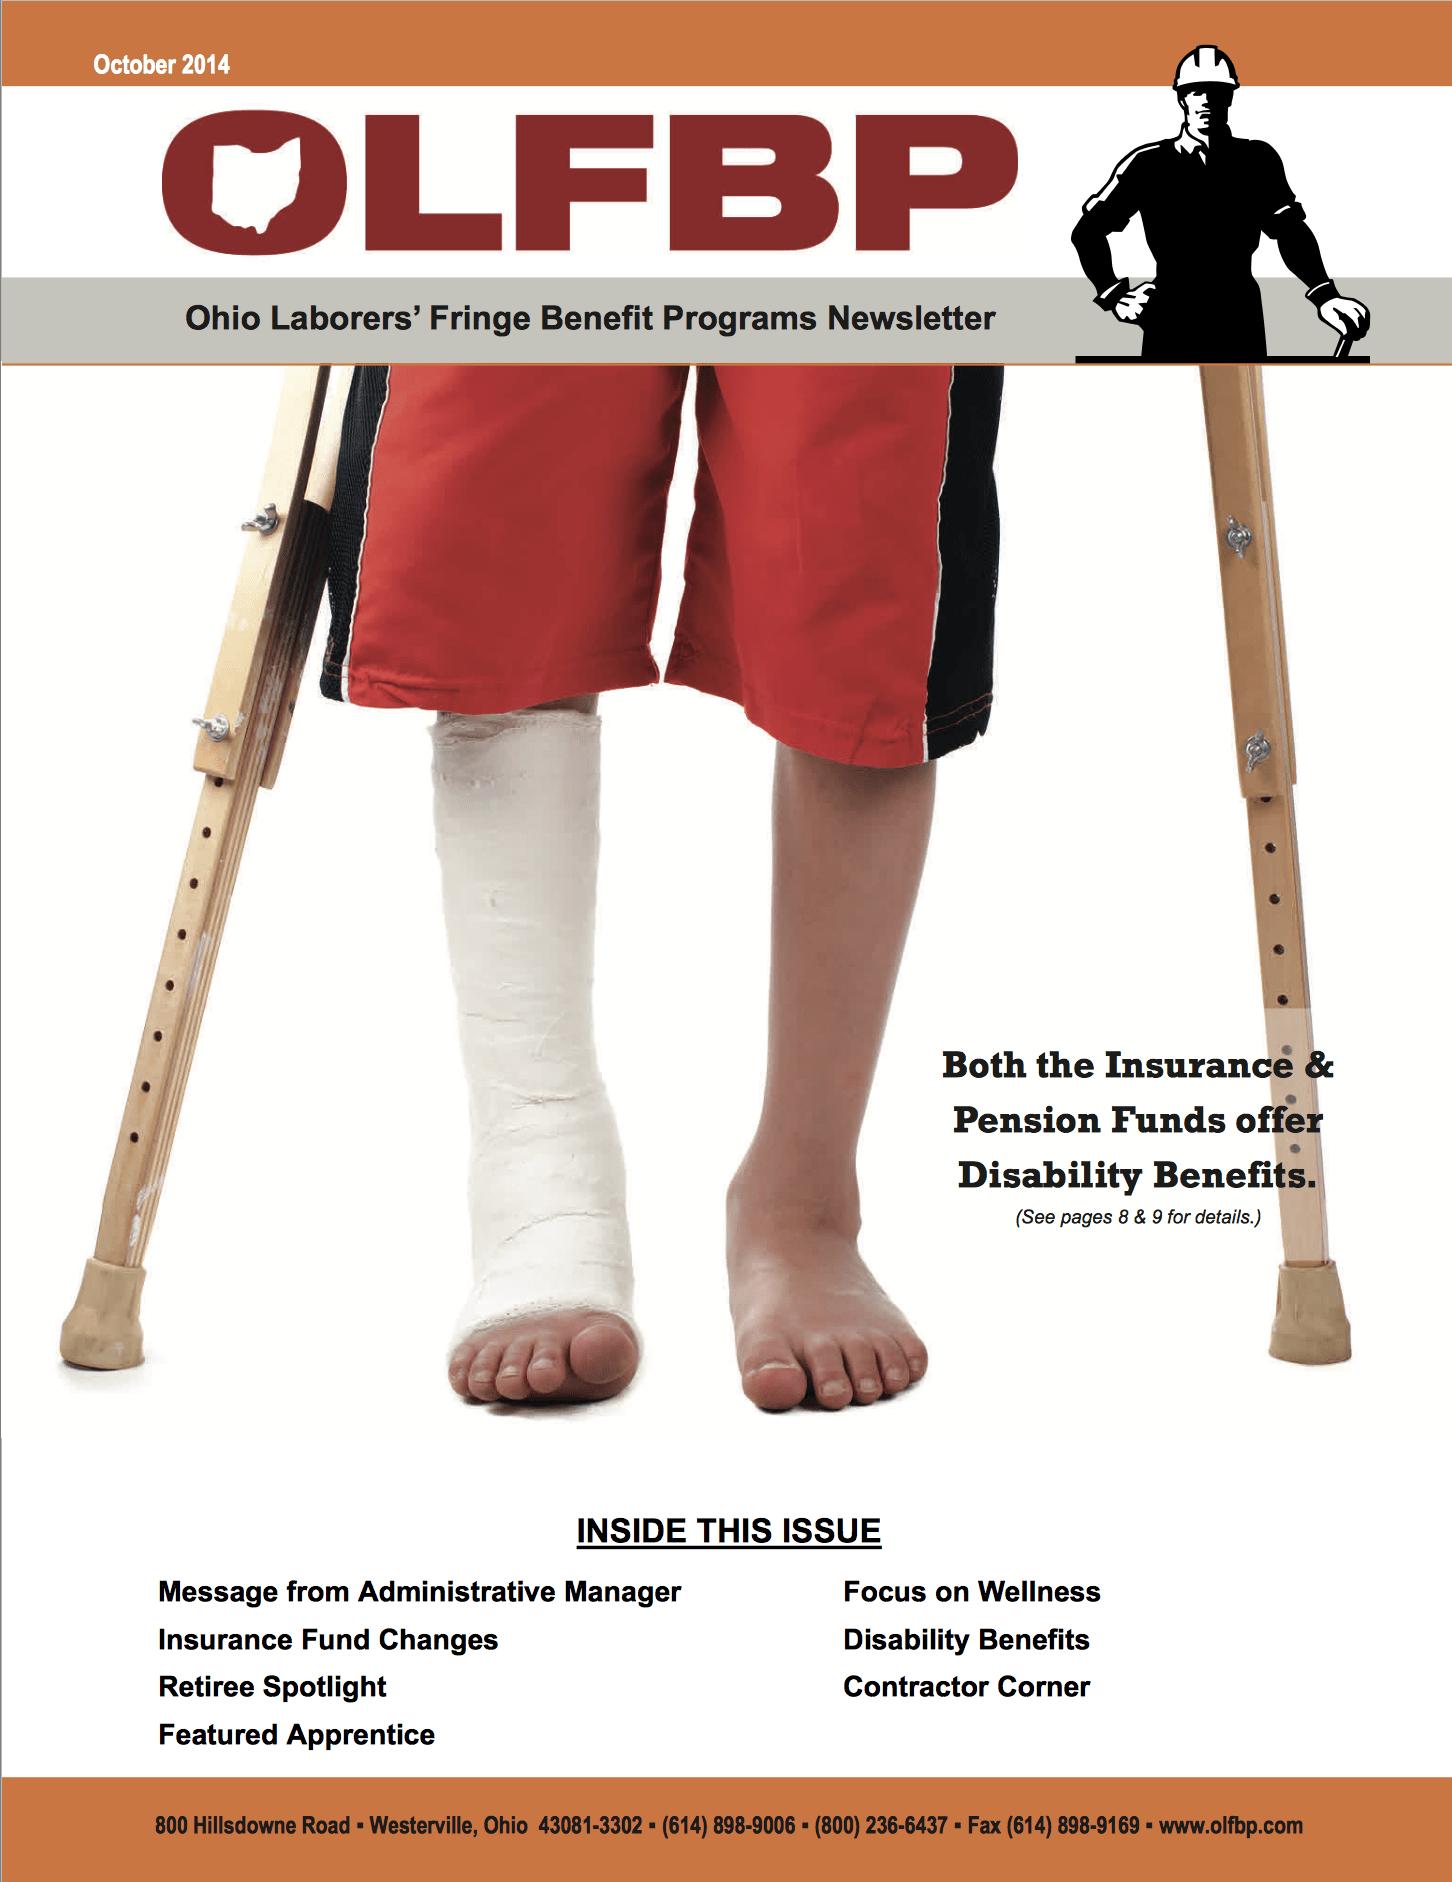 October 2014 Newsletter cover